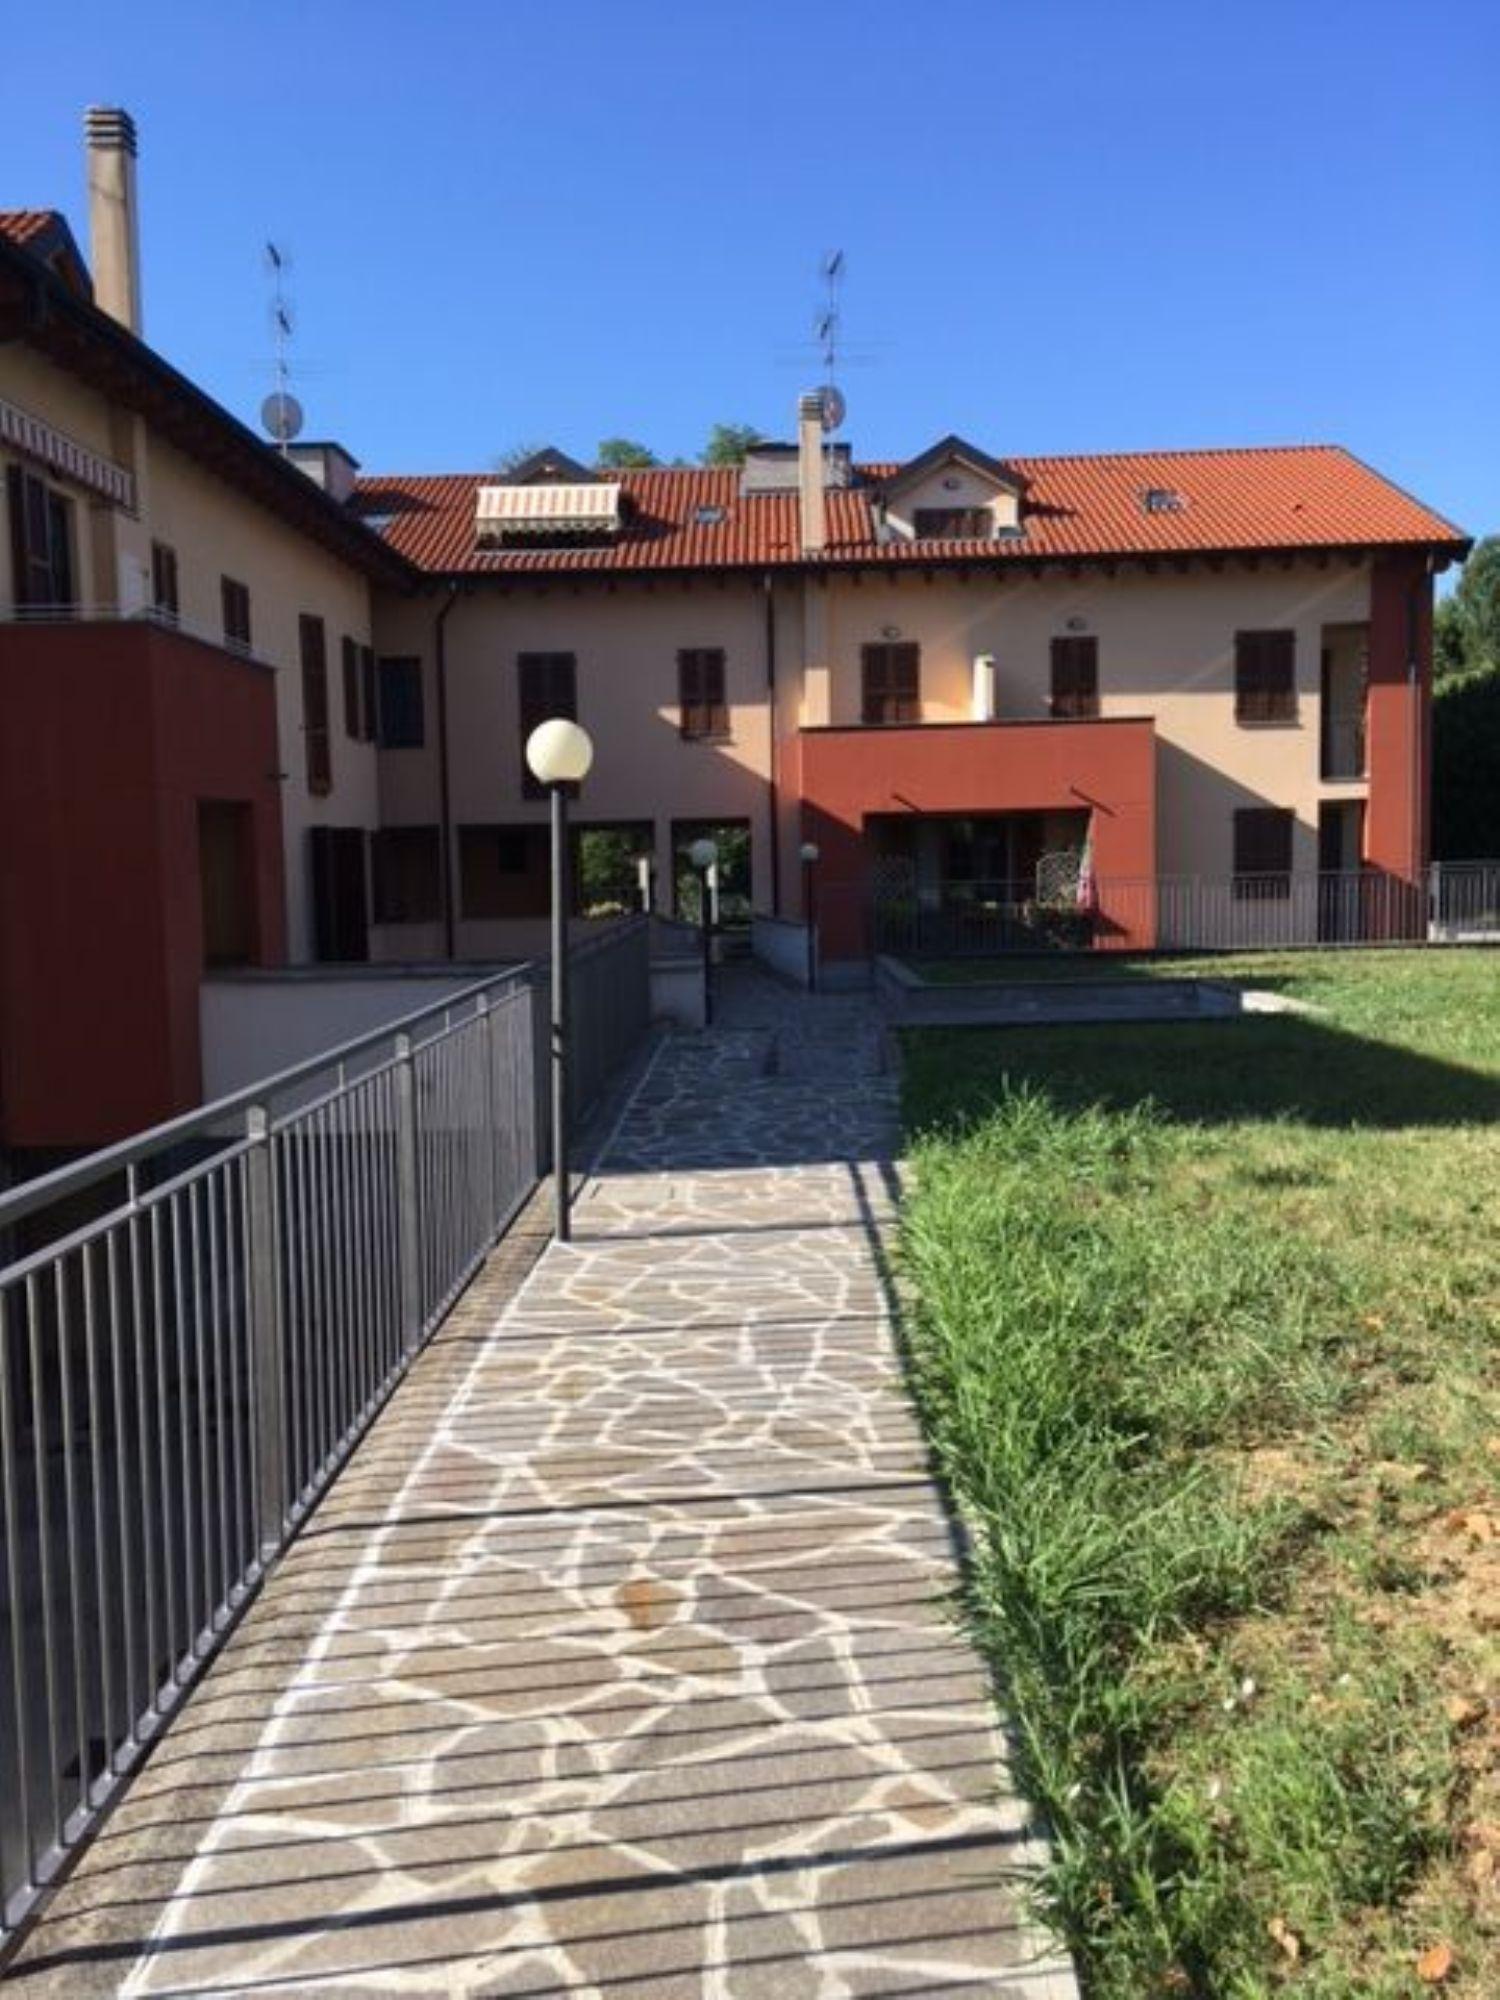 Attico / Mansarda in affitto a Masate, 3 locali, prezzo € 650 | CambioCasa.it